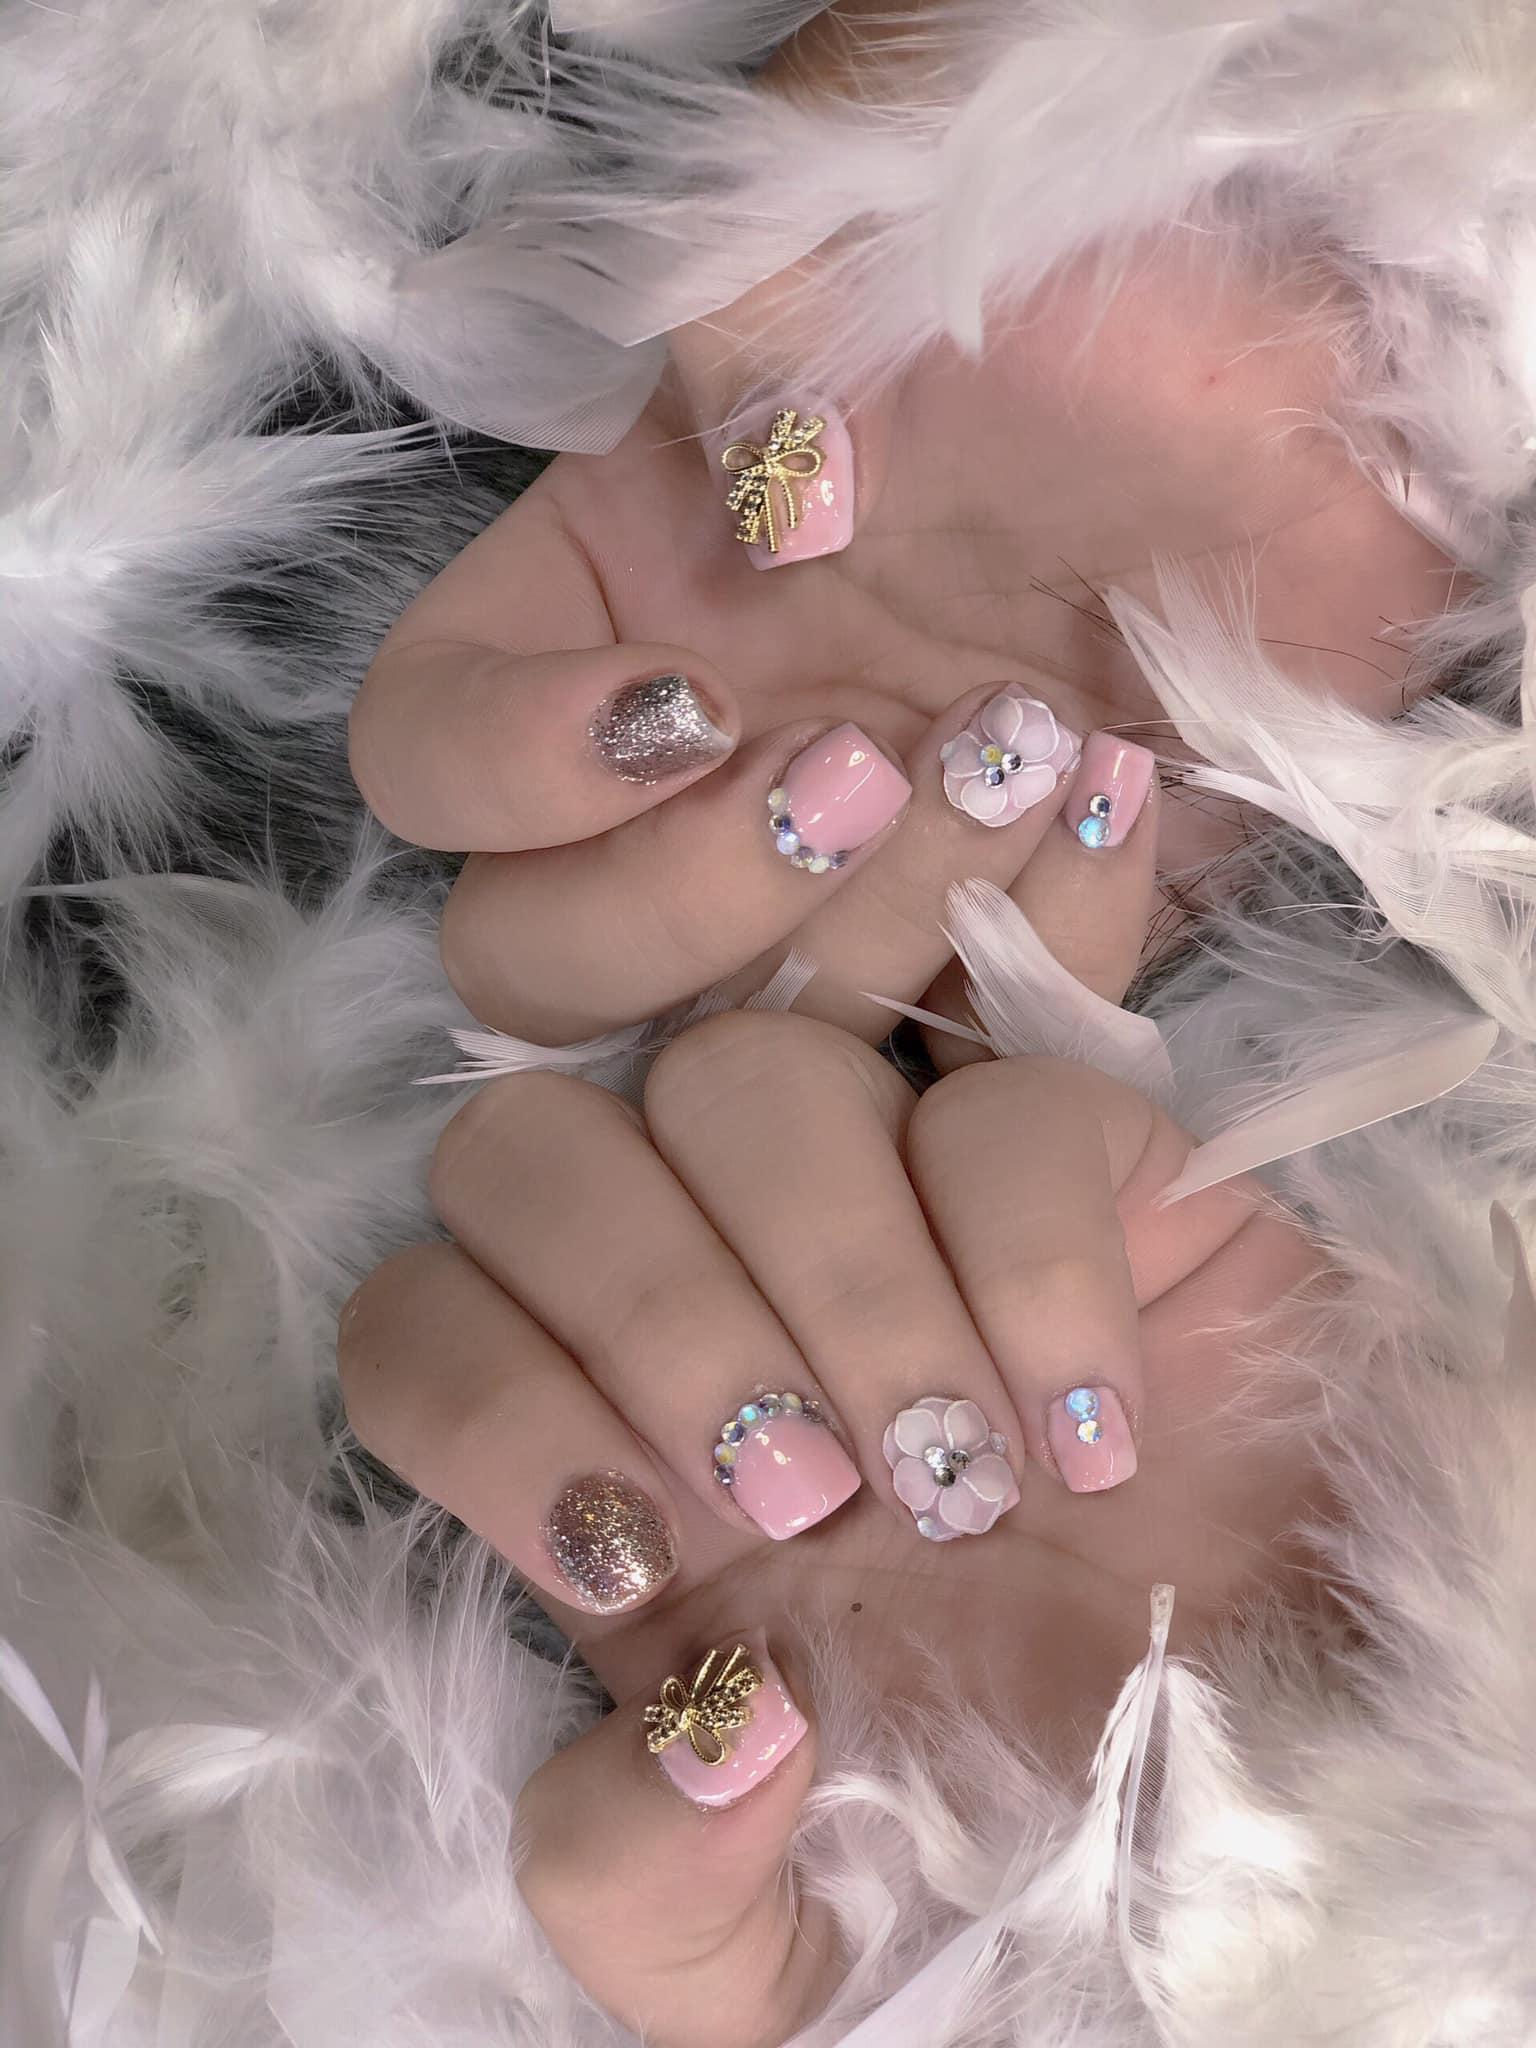 Hưởng ứng Noel bằng những mẫu nail có họa tiết nổi bật và độc đáo - Ảnh 4.